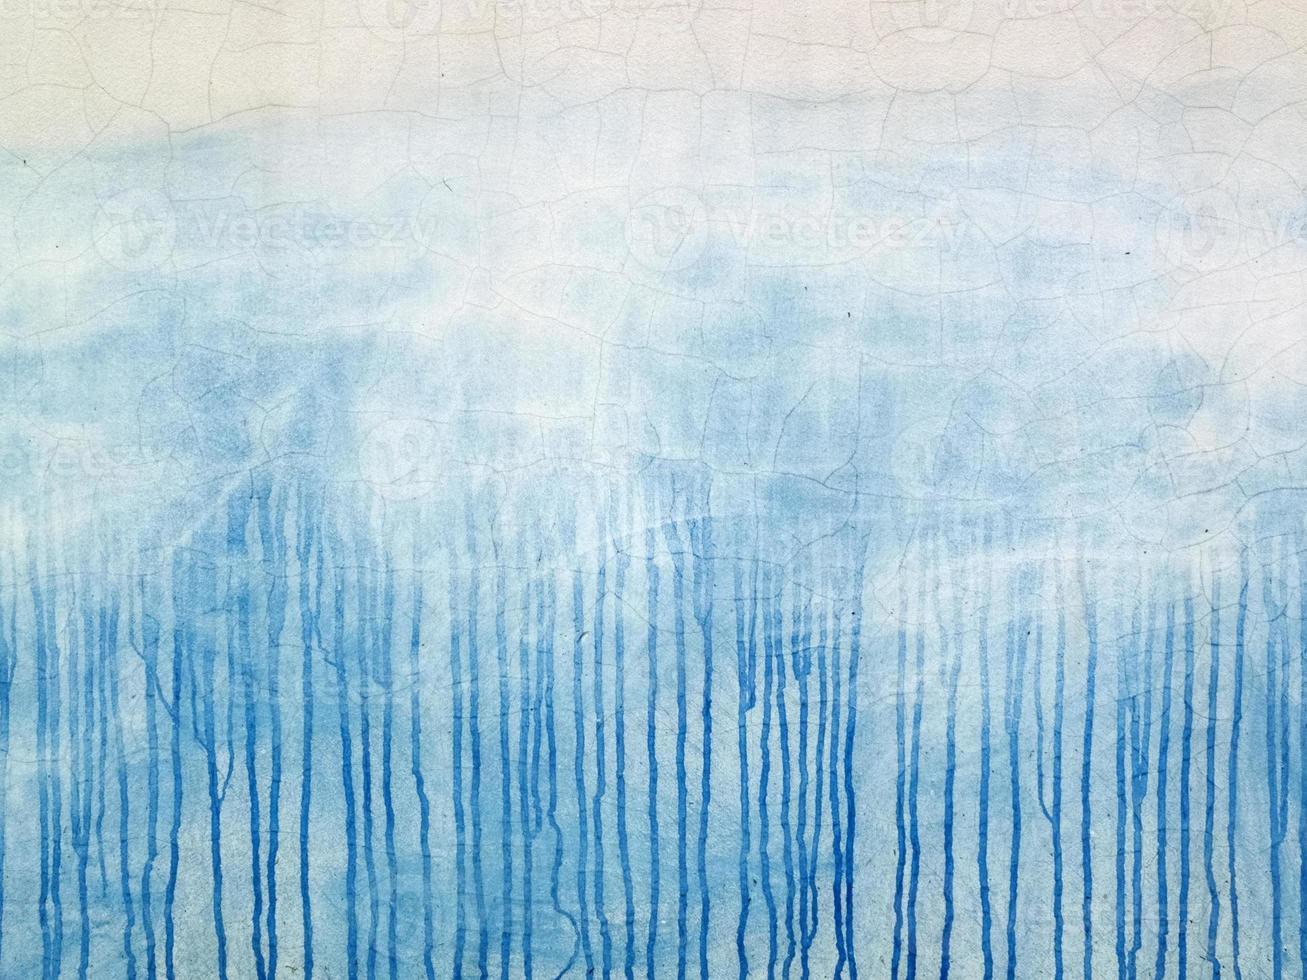 blauwe gemorste verf op de gebarsten witte gevel foto